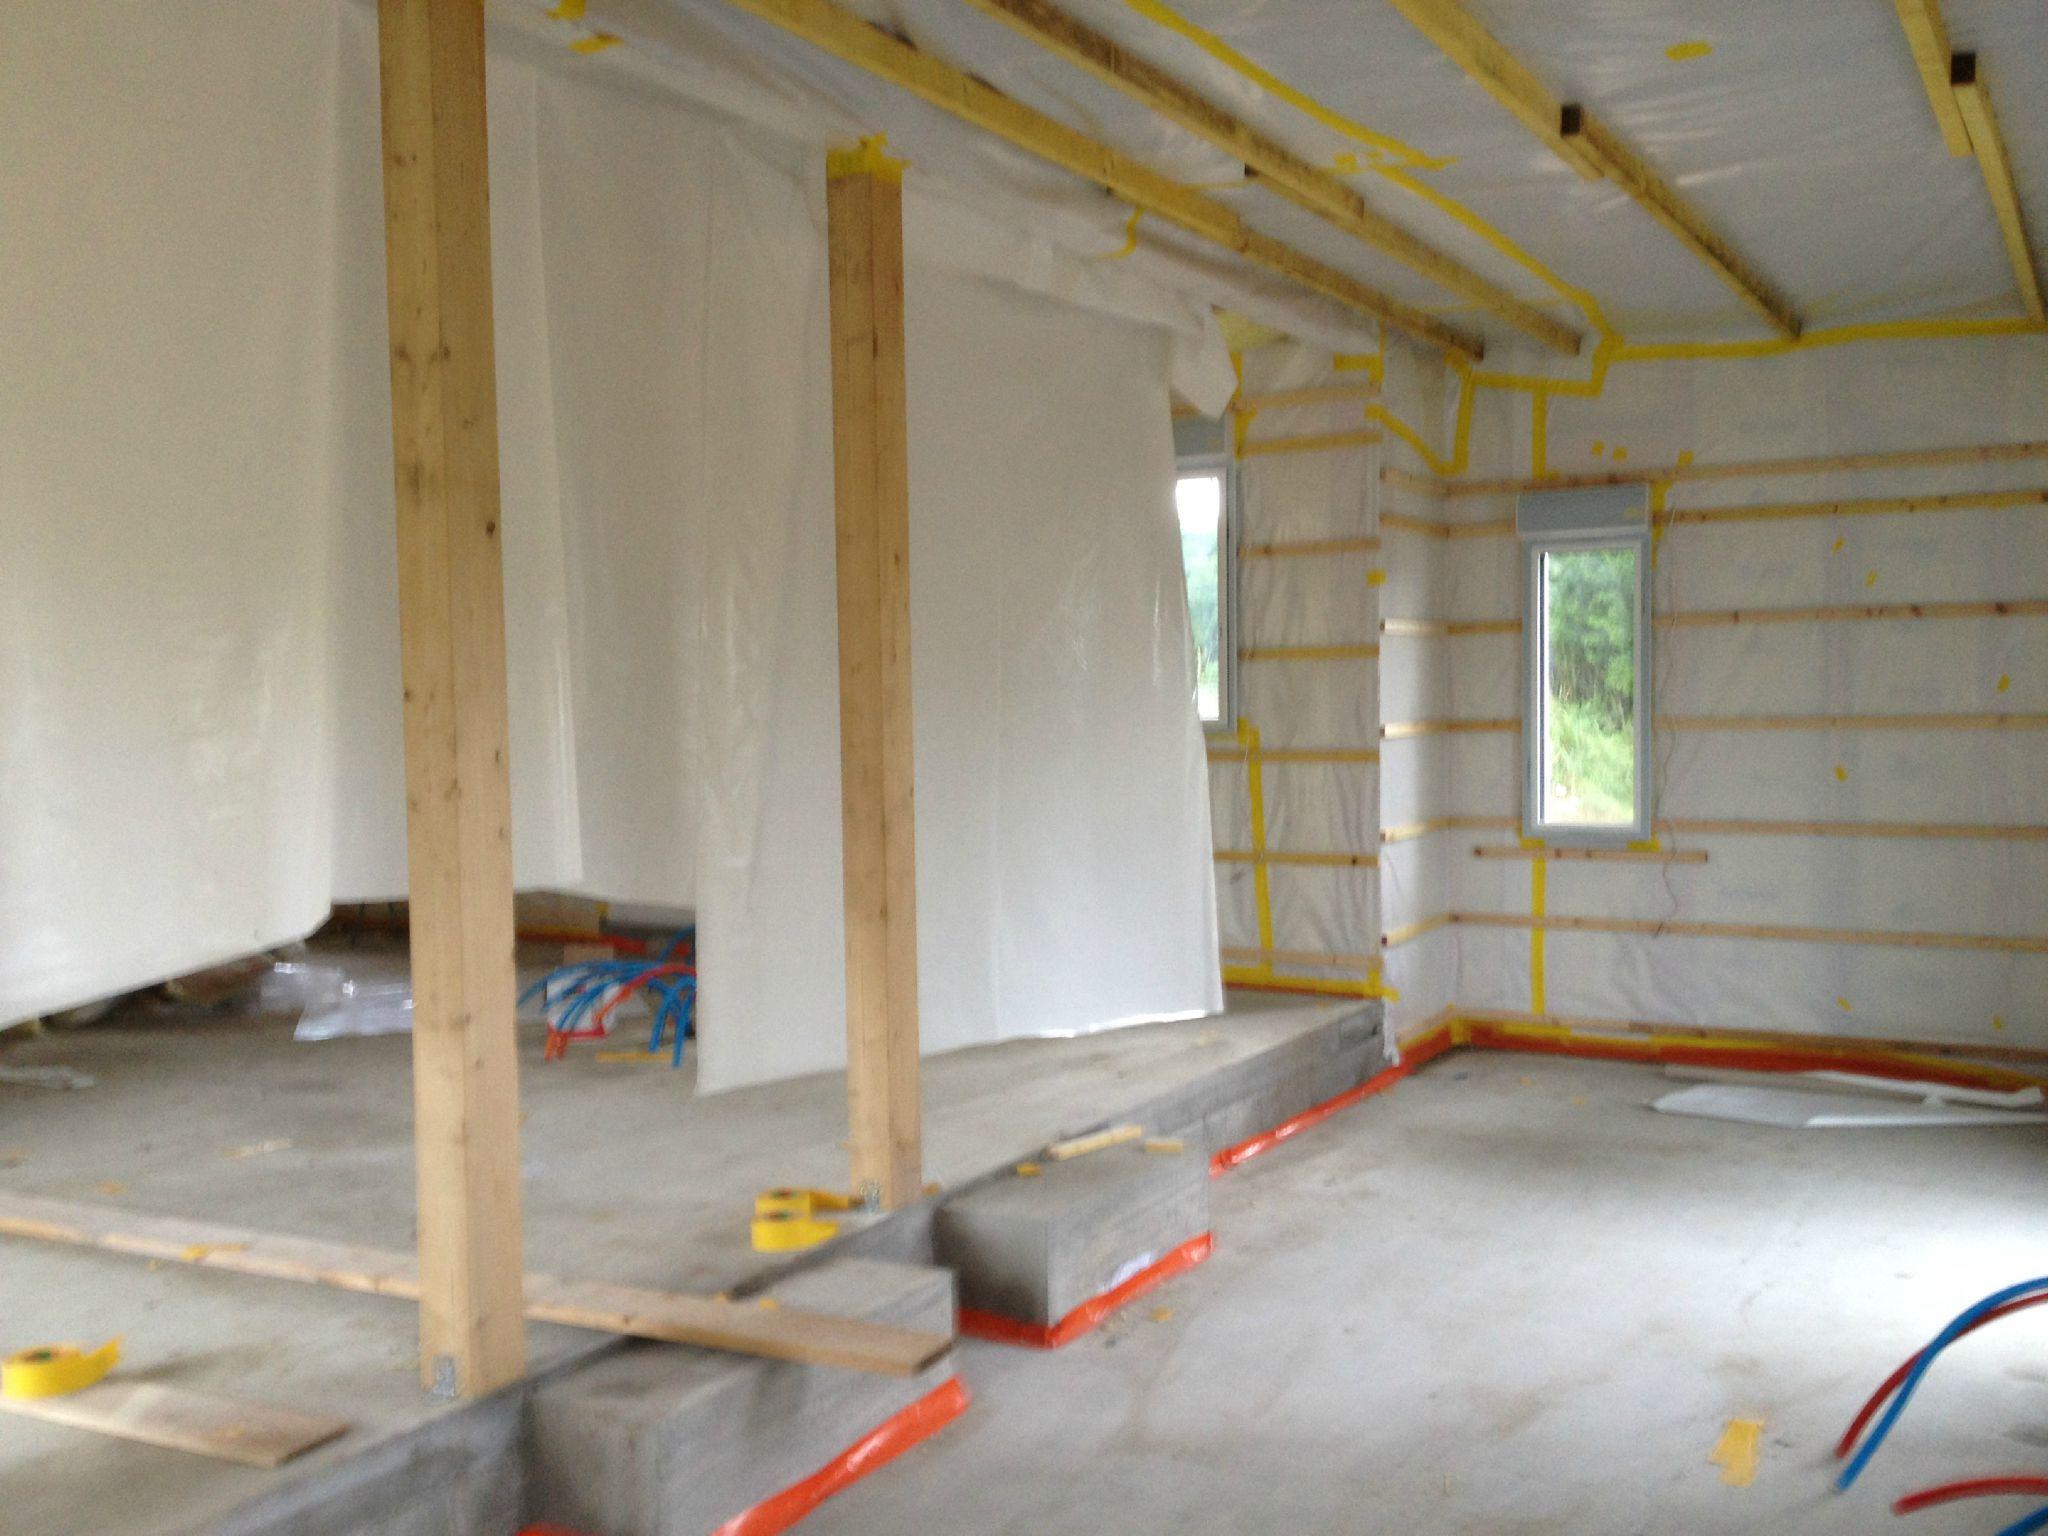 isolation intrieure maison attrayant isolation thermique des murs par l interieur ossature bois. Black Bedroom Furniture Sets. Home Design Ideas